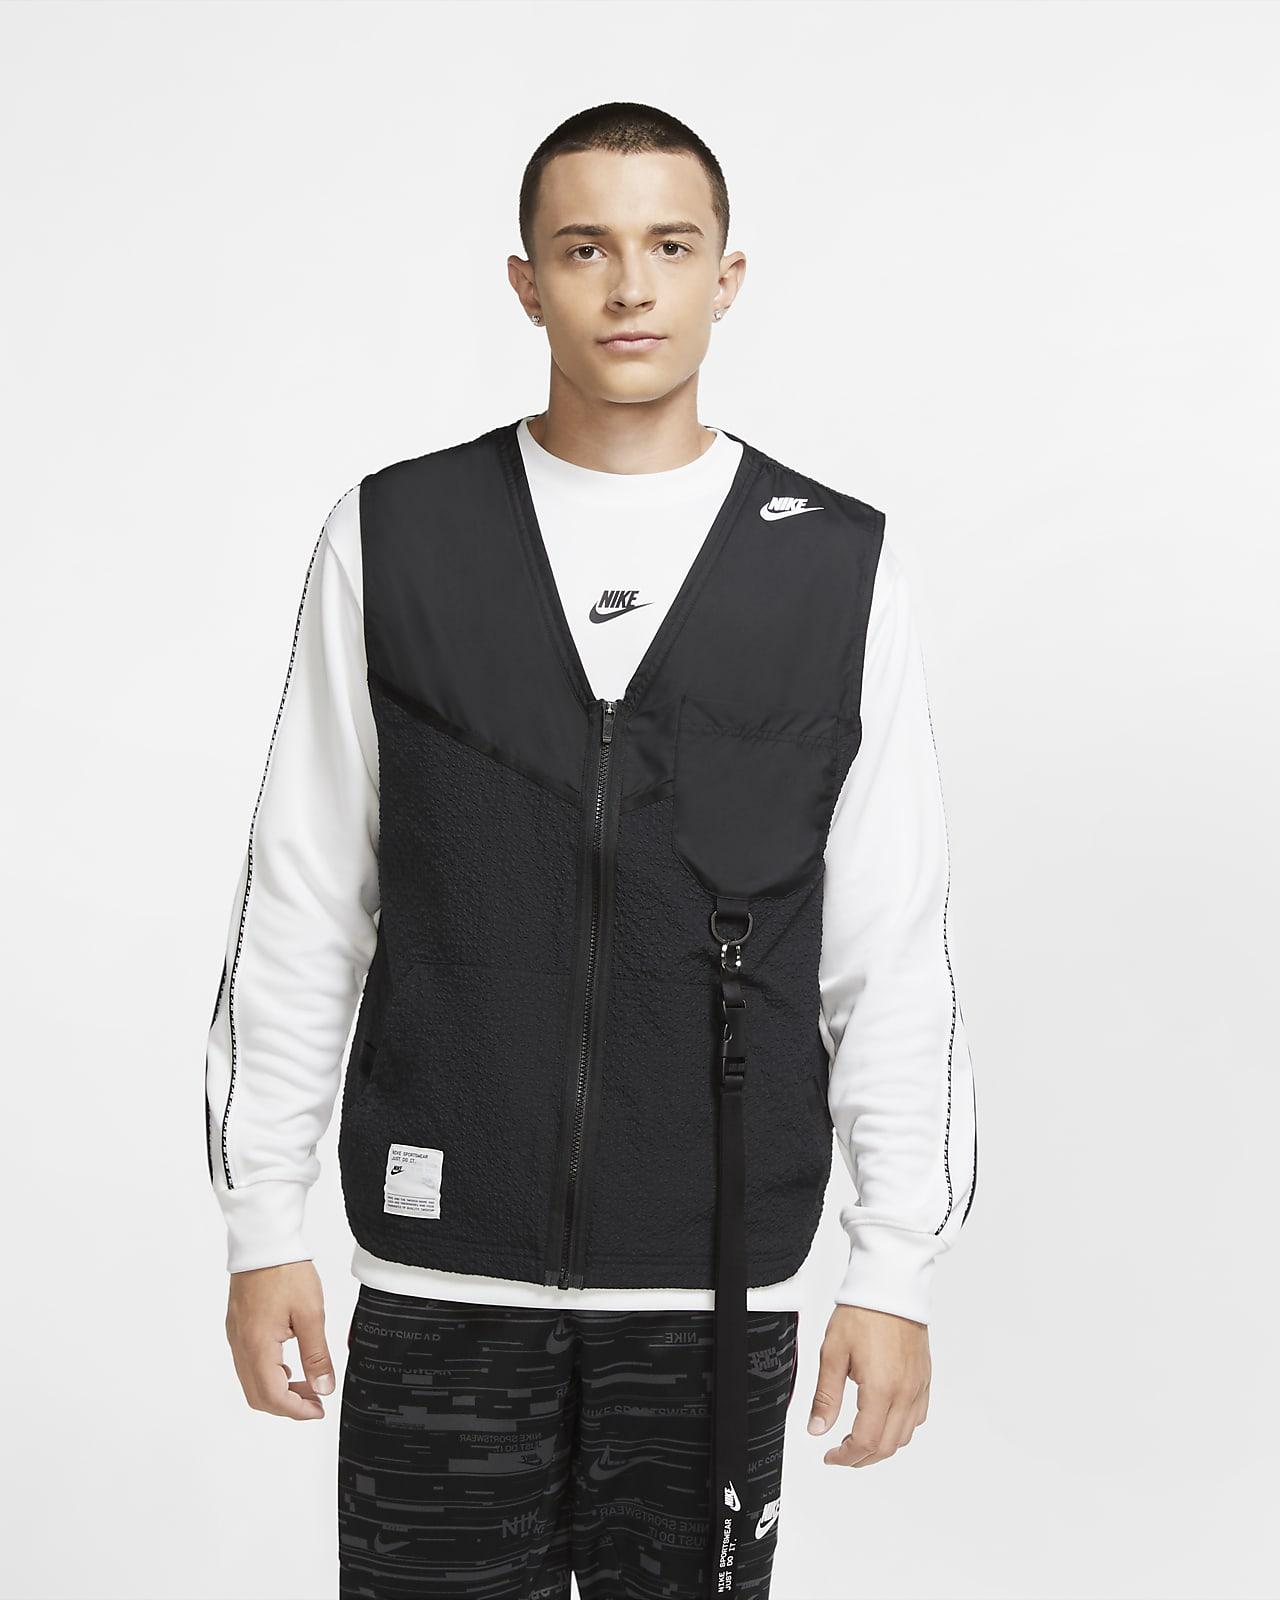 Nike Sportswear Men's Woven Gilet